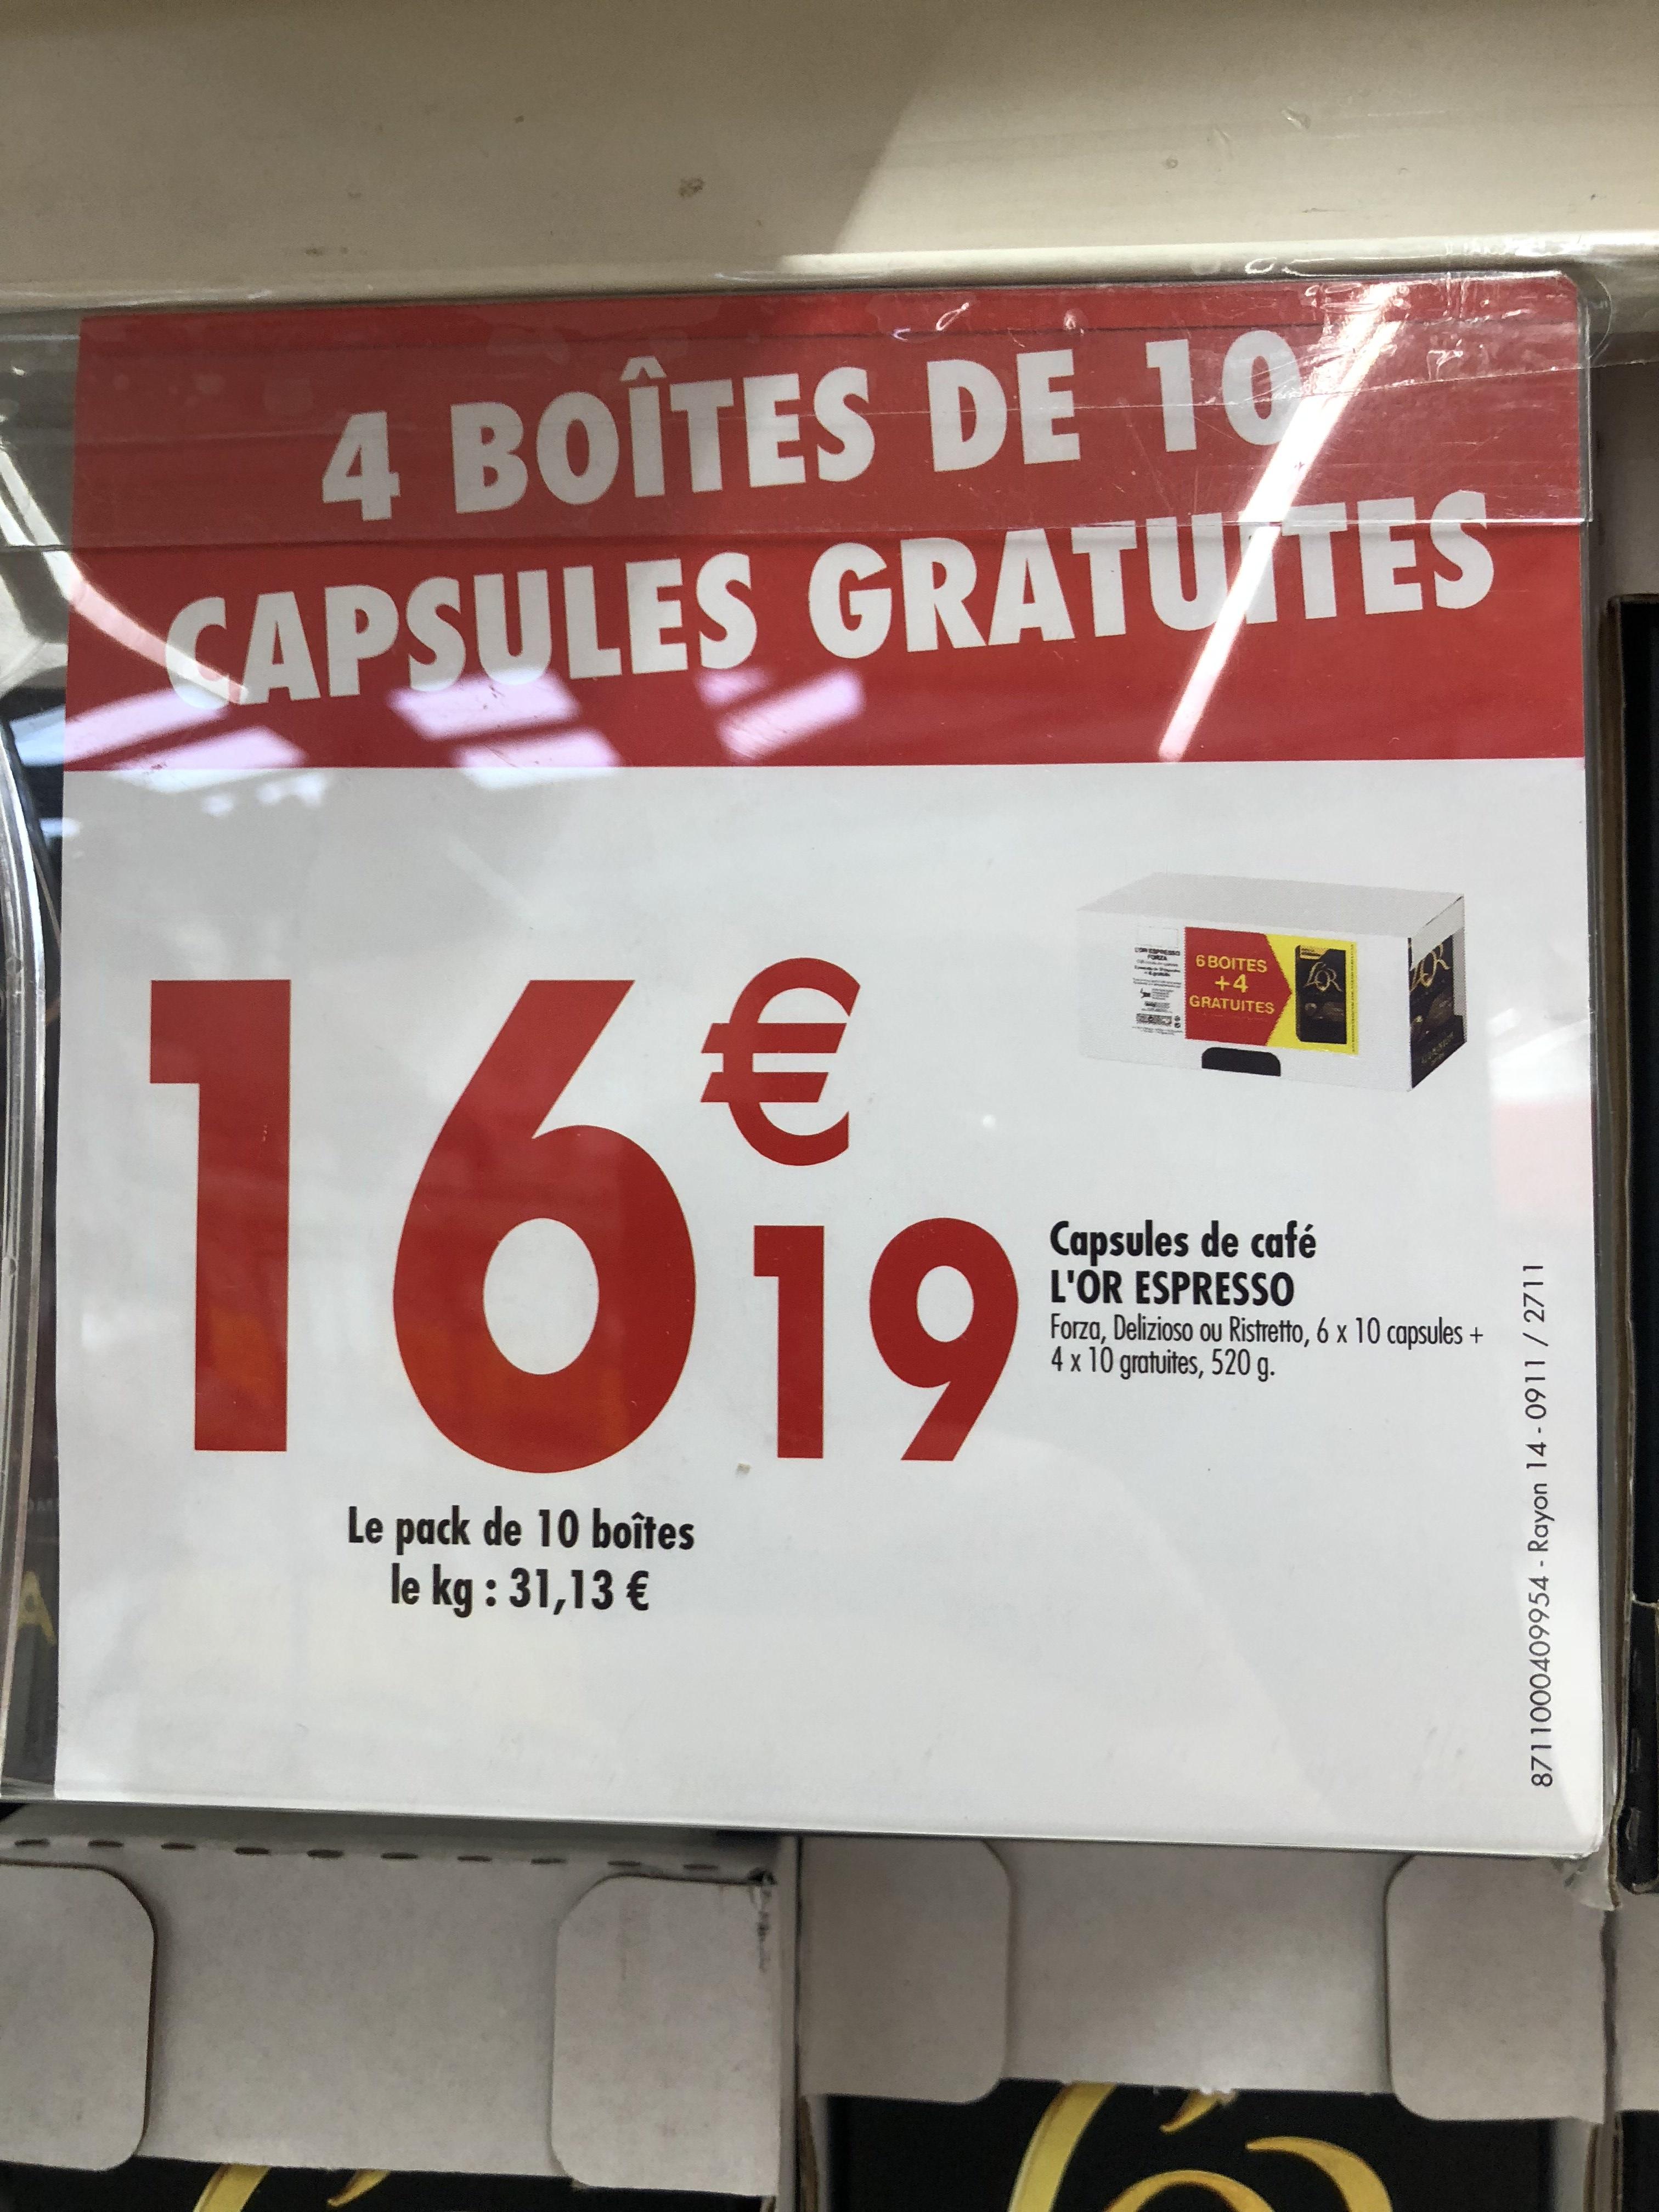 Pack de 10 boîtes de 10 capsules L'Or Expresso (100 capsules) - Villeneuve-la-Garenne (92) / Rosny 2 (93)